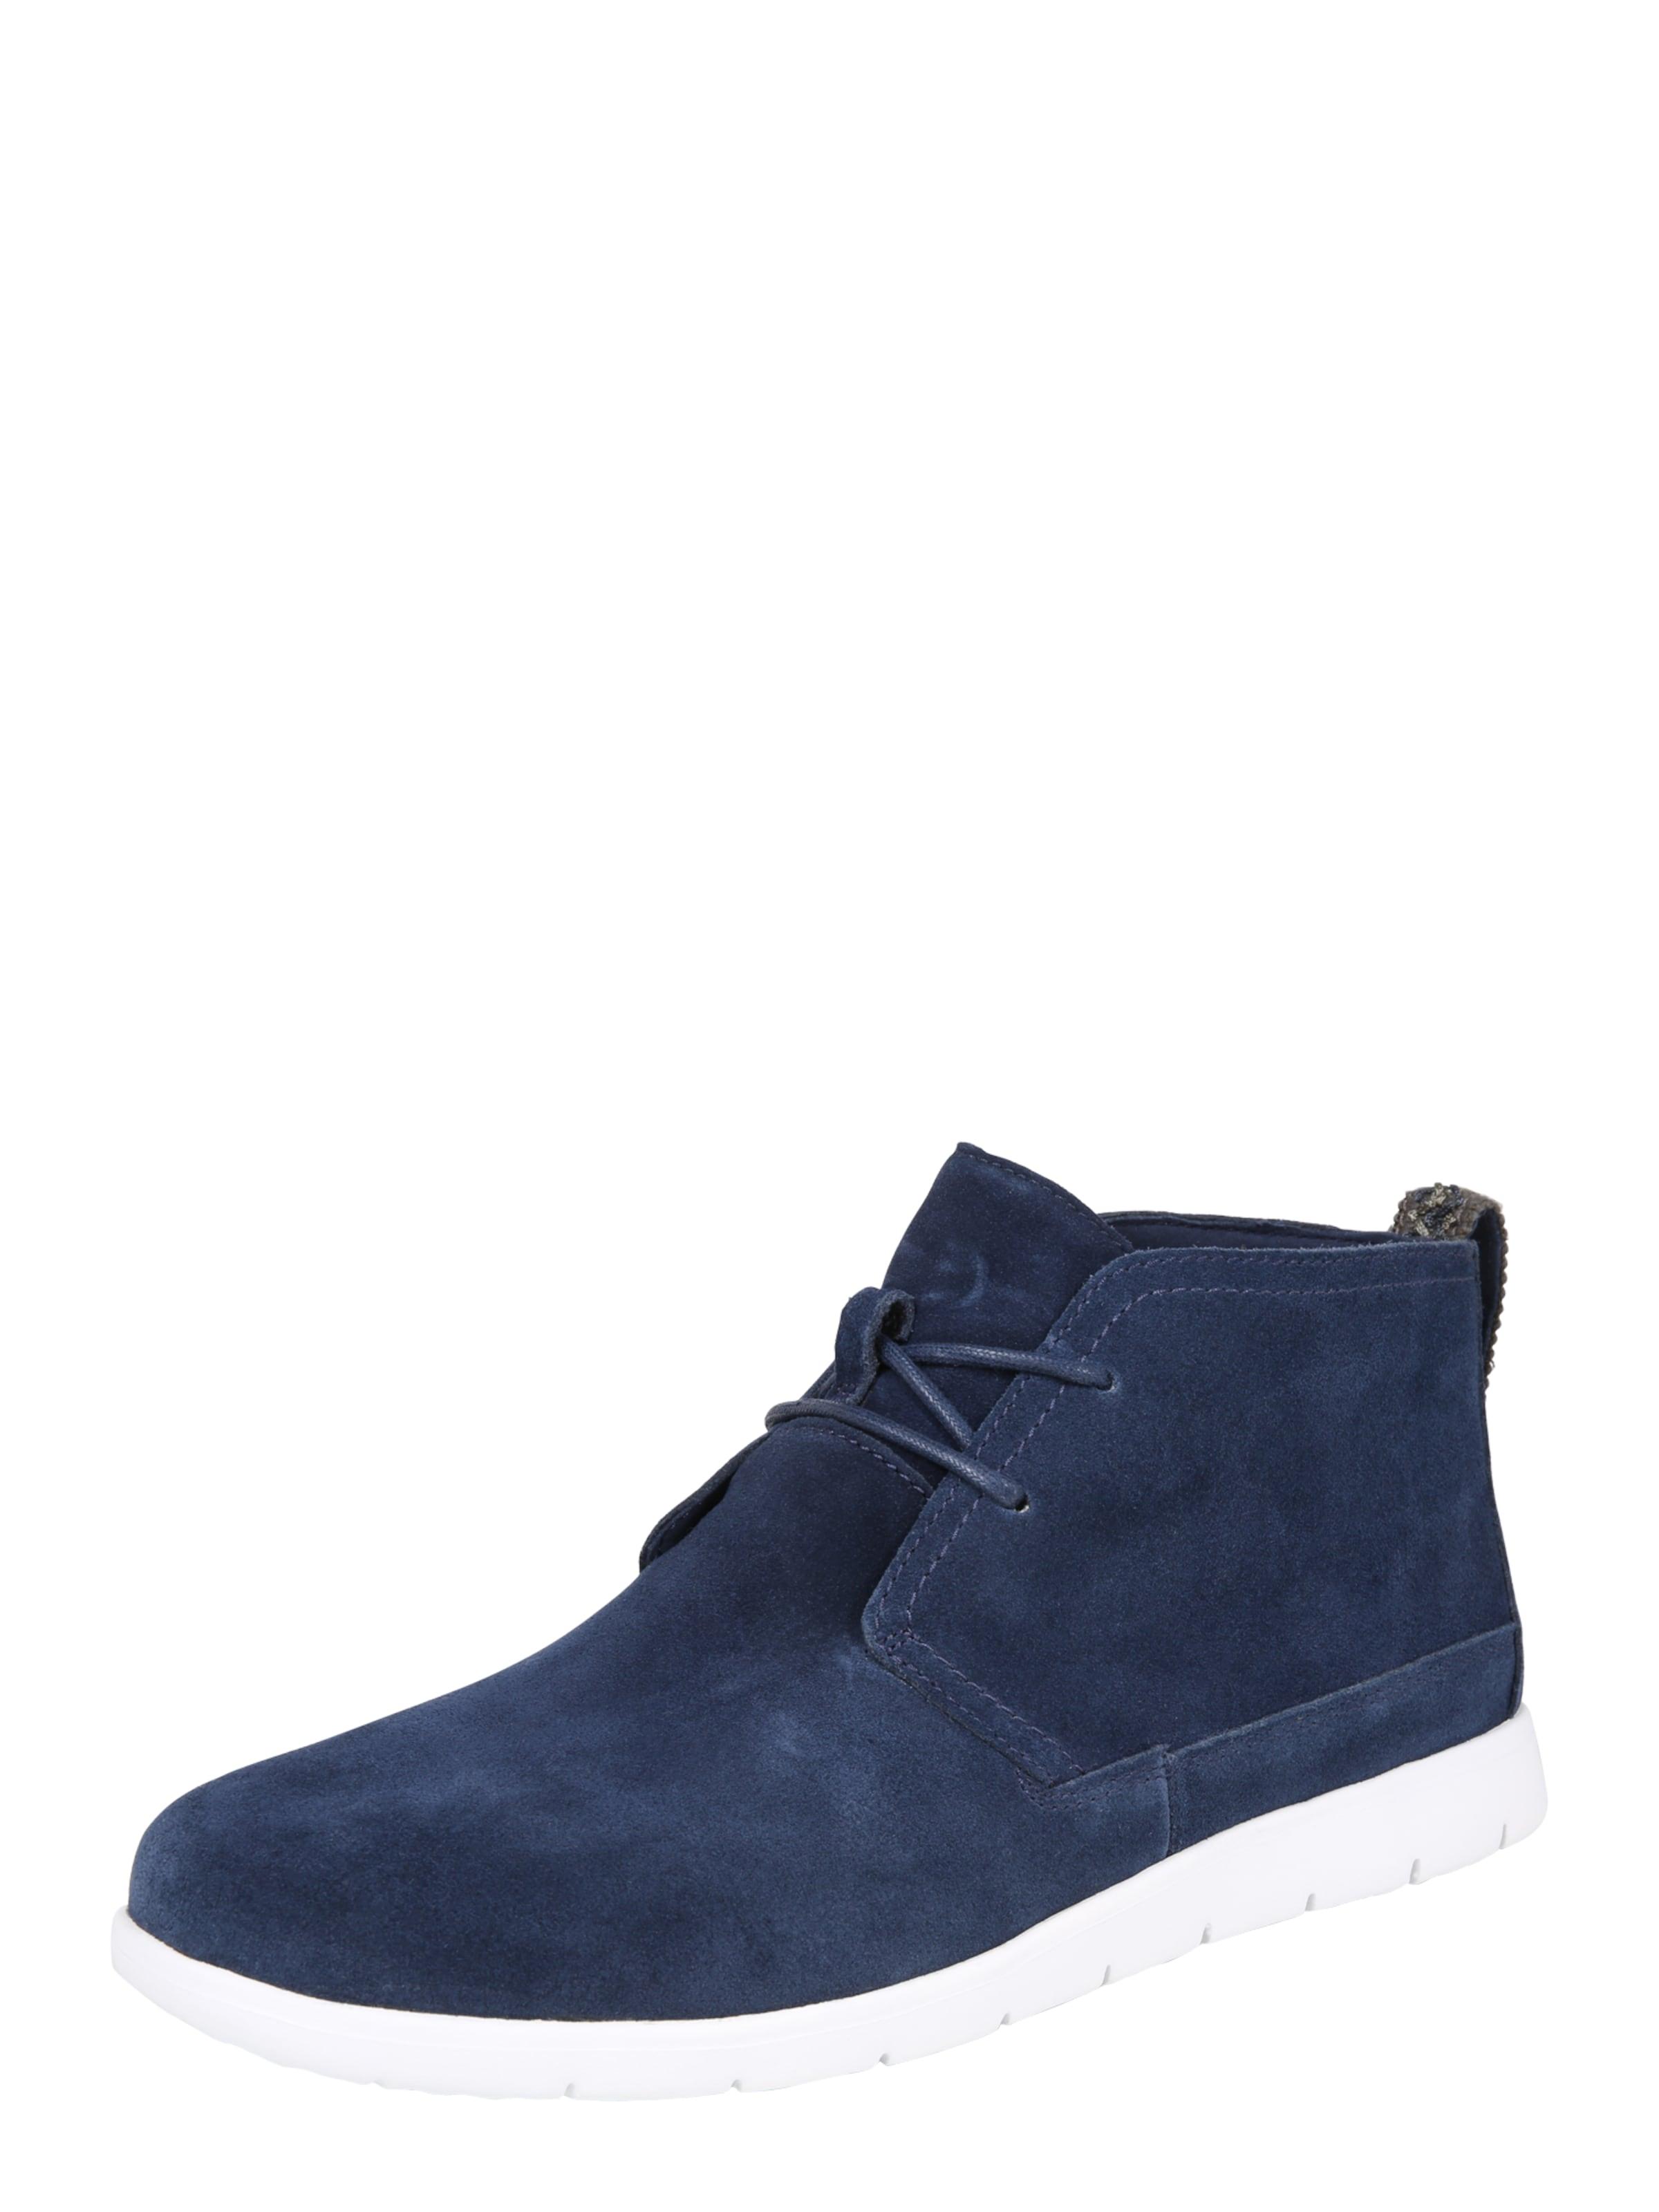 Sneaker Freamon' Navy 'm In Ugg vwm8PN0Oyn